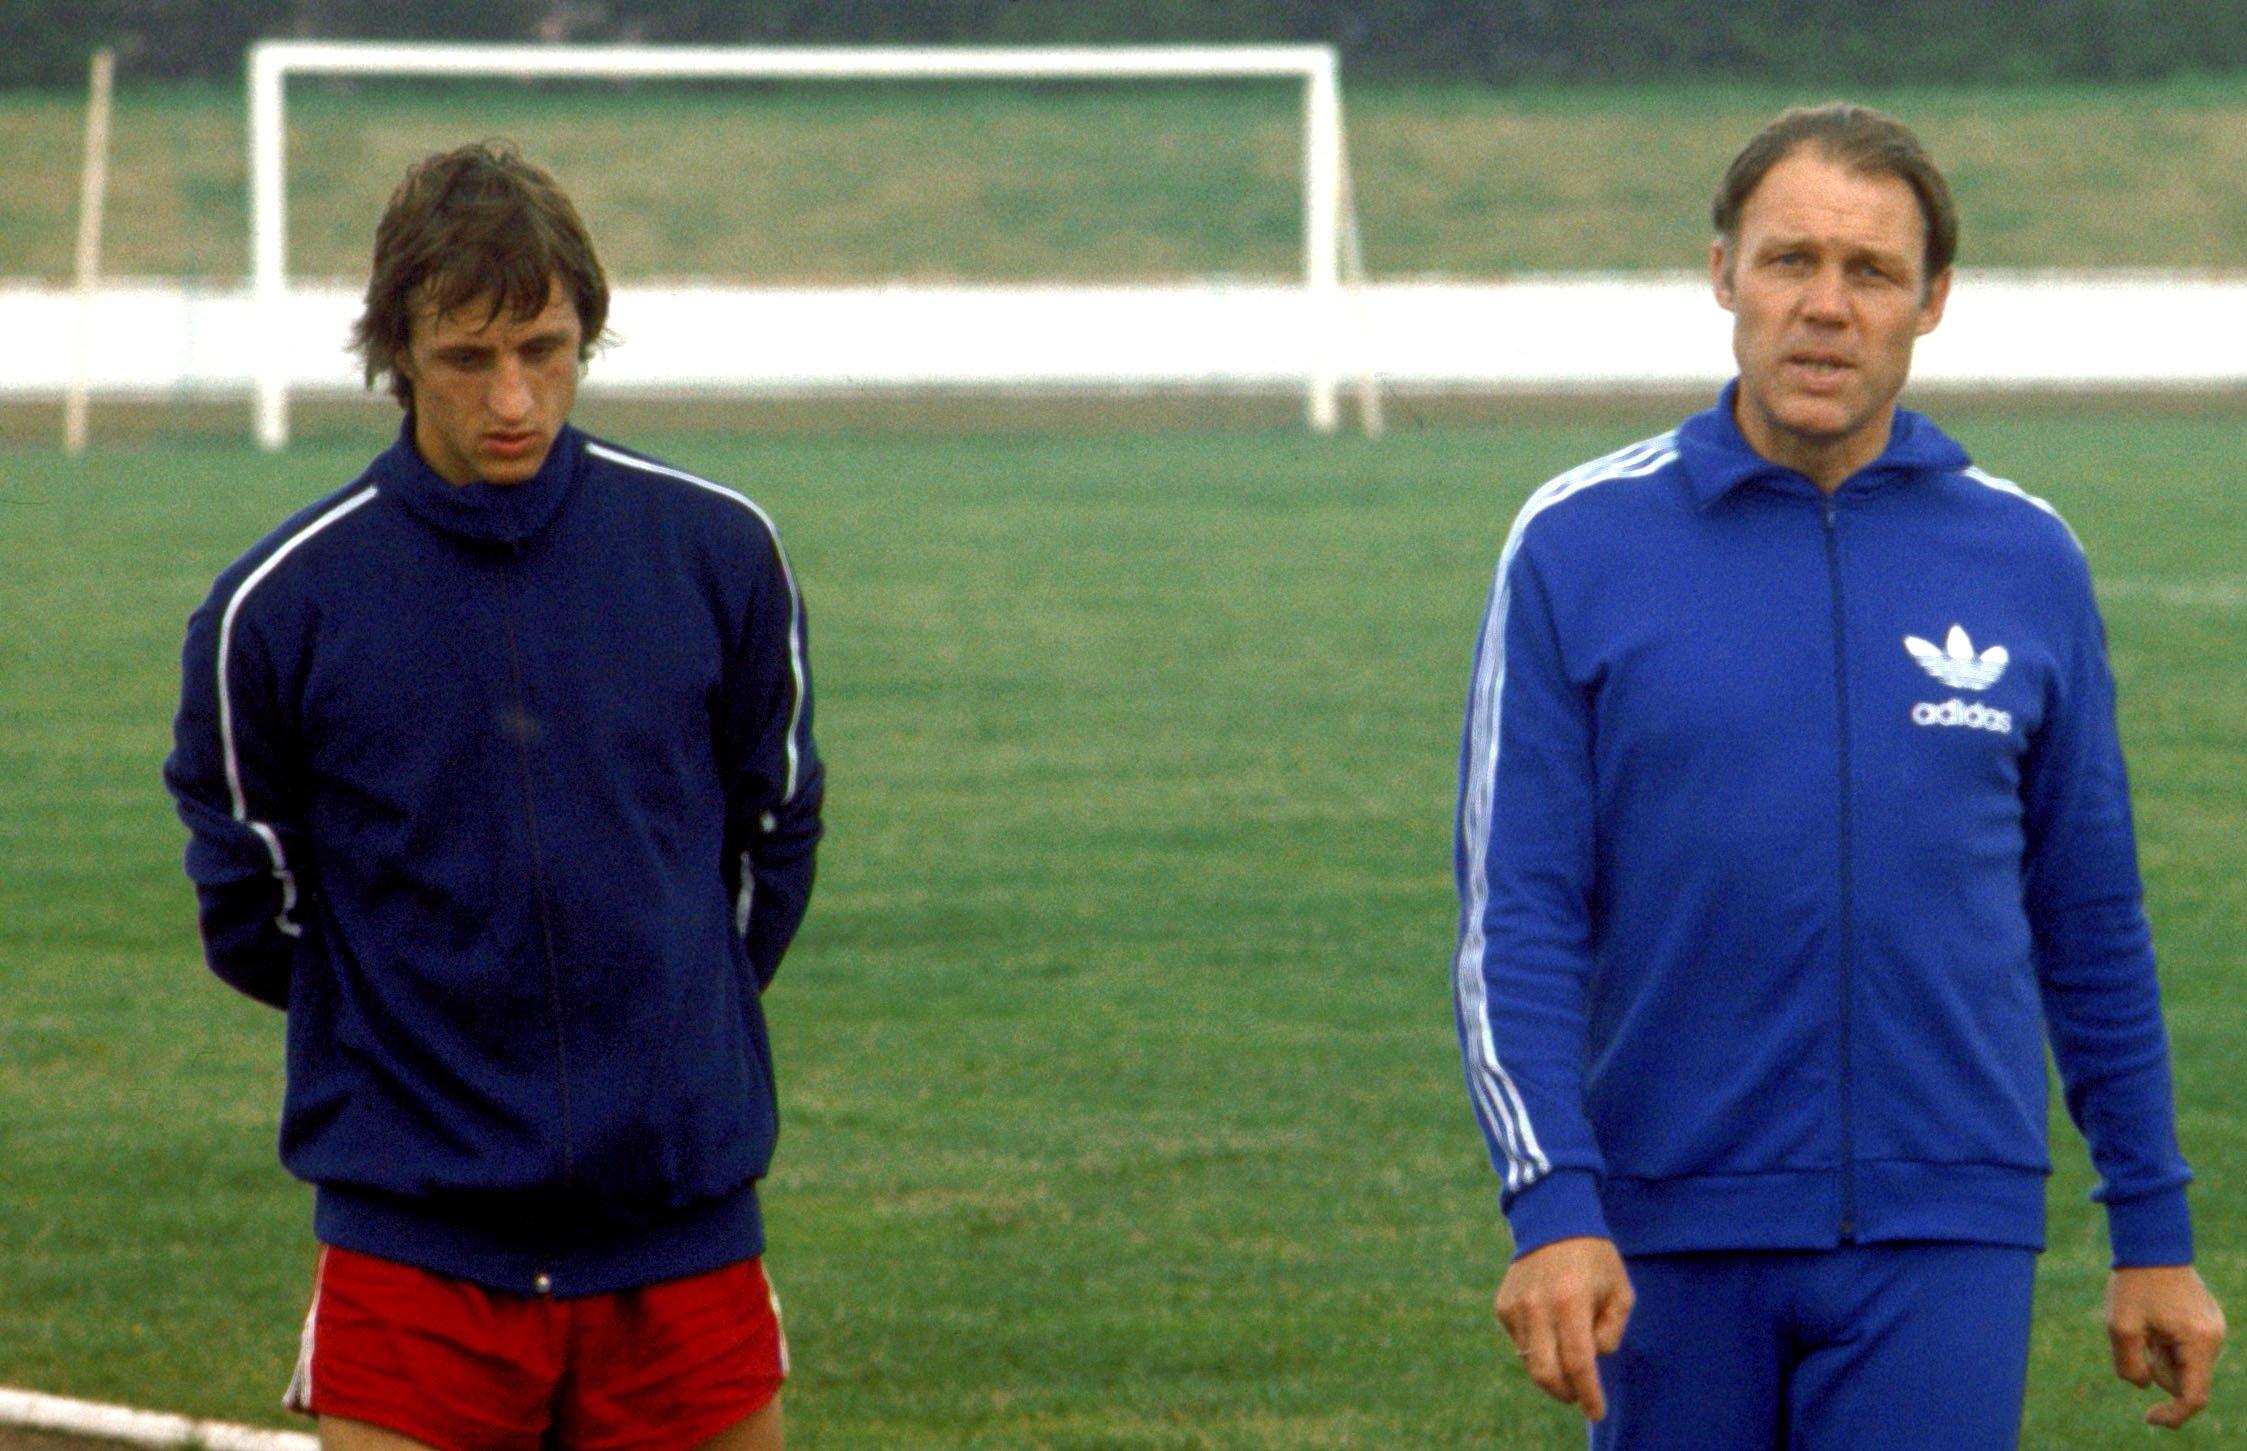 Ảnh Johan Cruyff - Bóng Đá